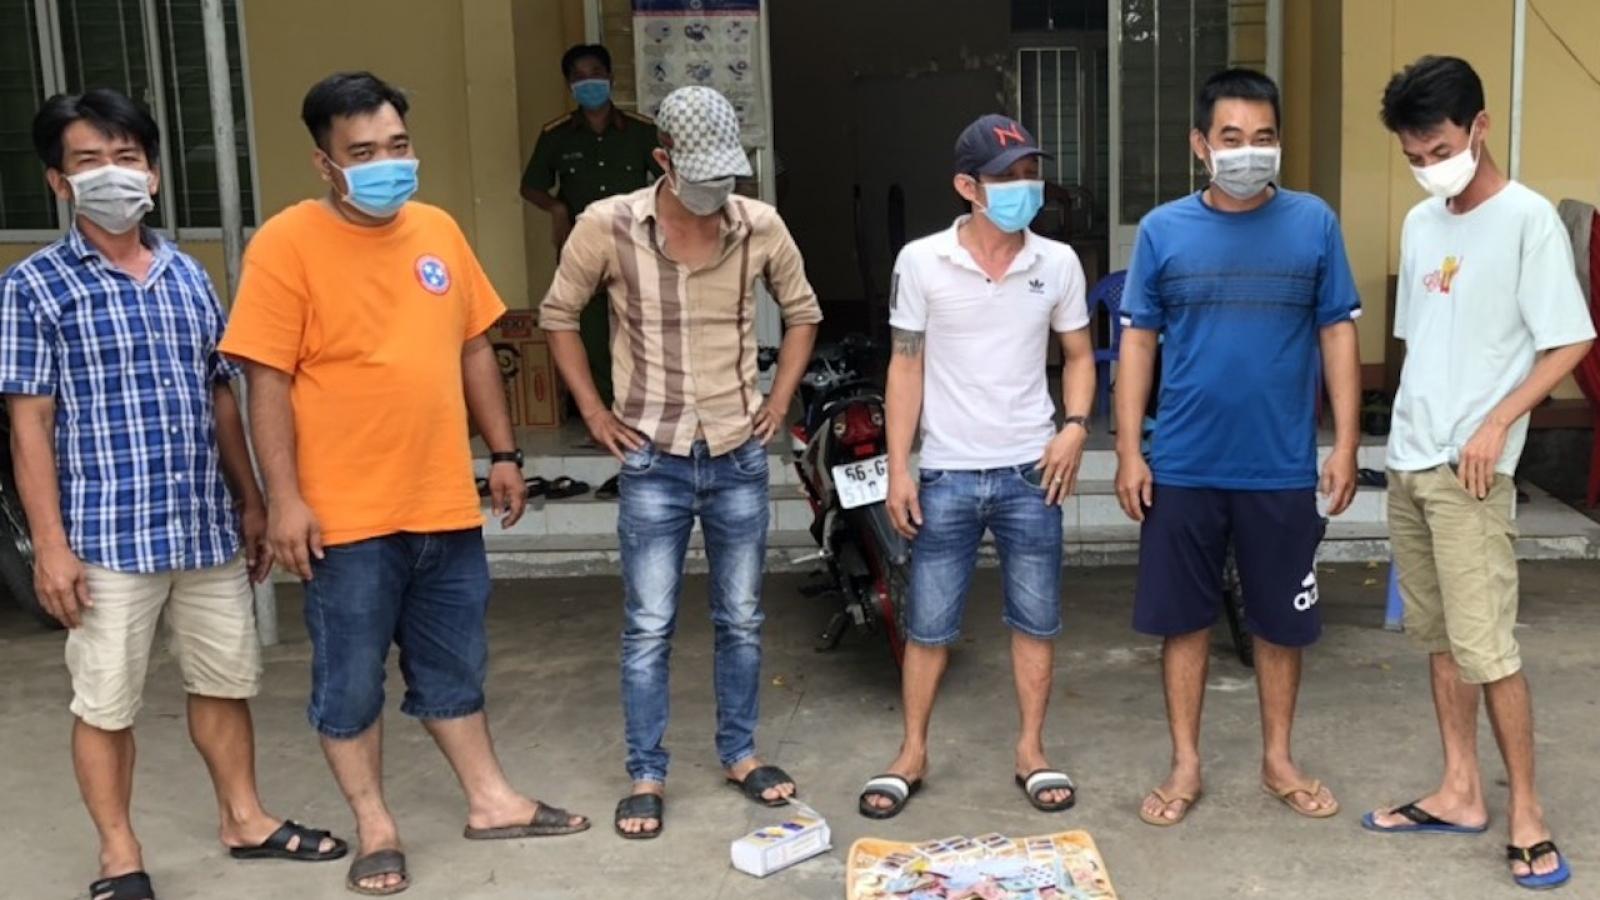 Đồng Tháp xử phạt 9 người tụ tập ăn nhậu 120 triệu đồng